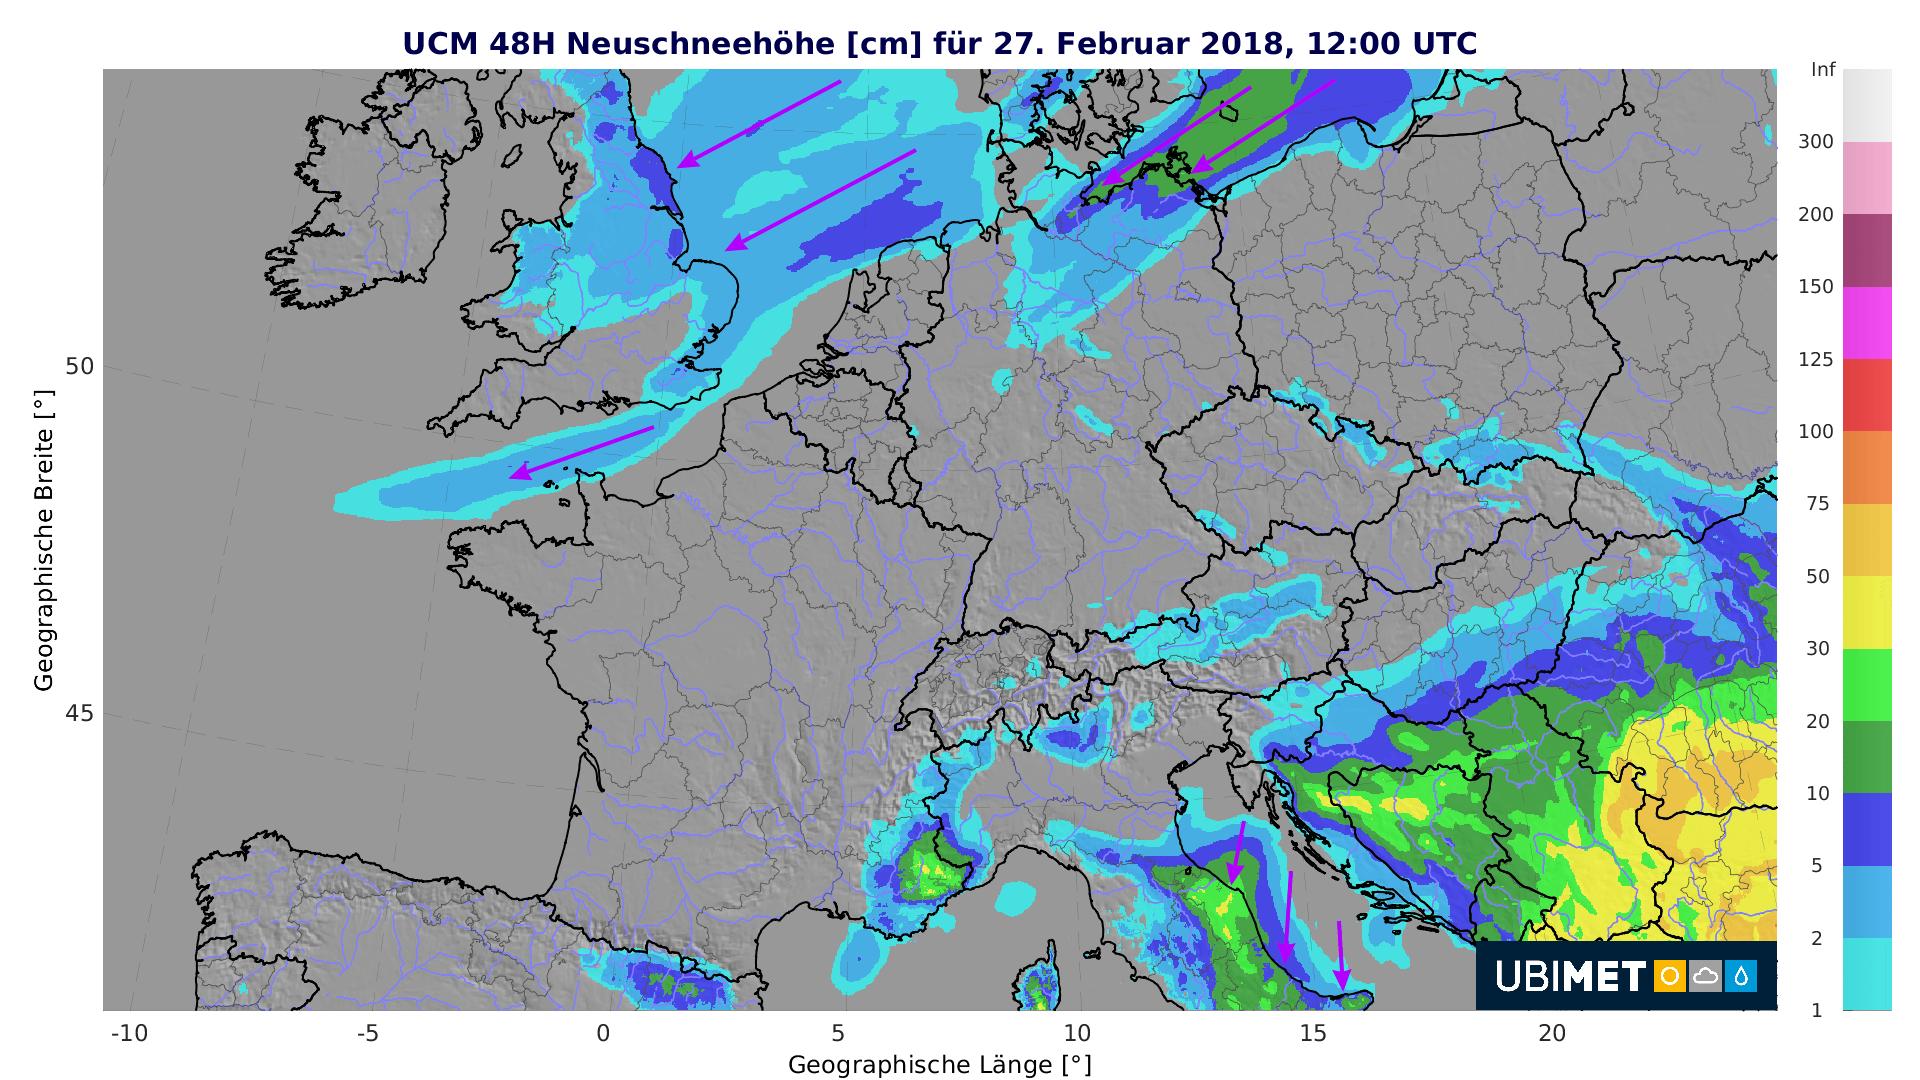 Prognose der 48-stündigen Neuschneehöhe bis Dienstagnachmittag. © UBIMET